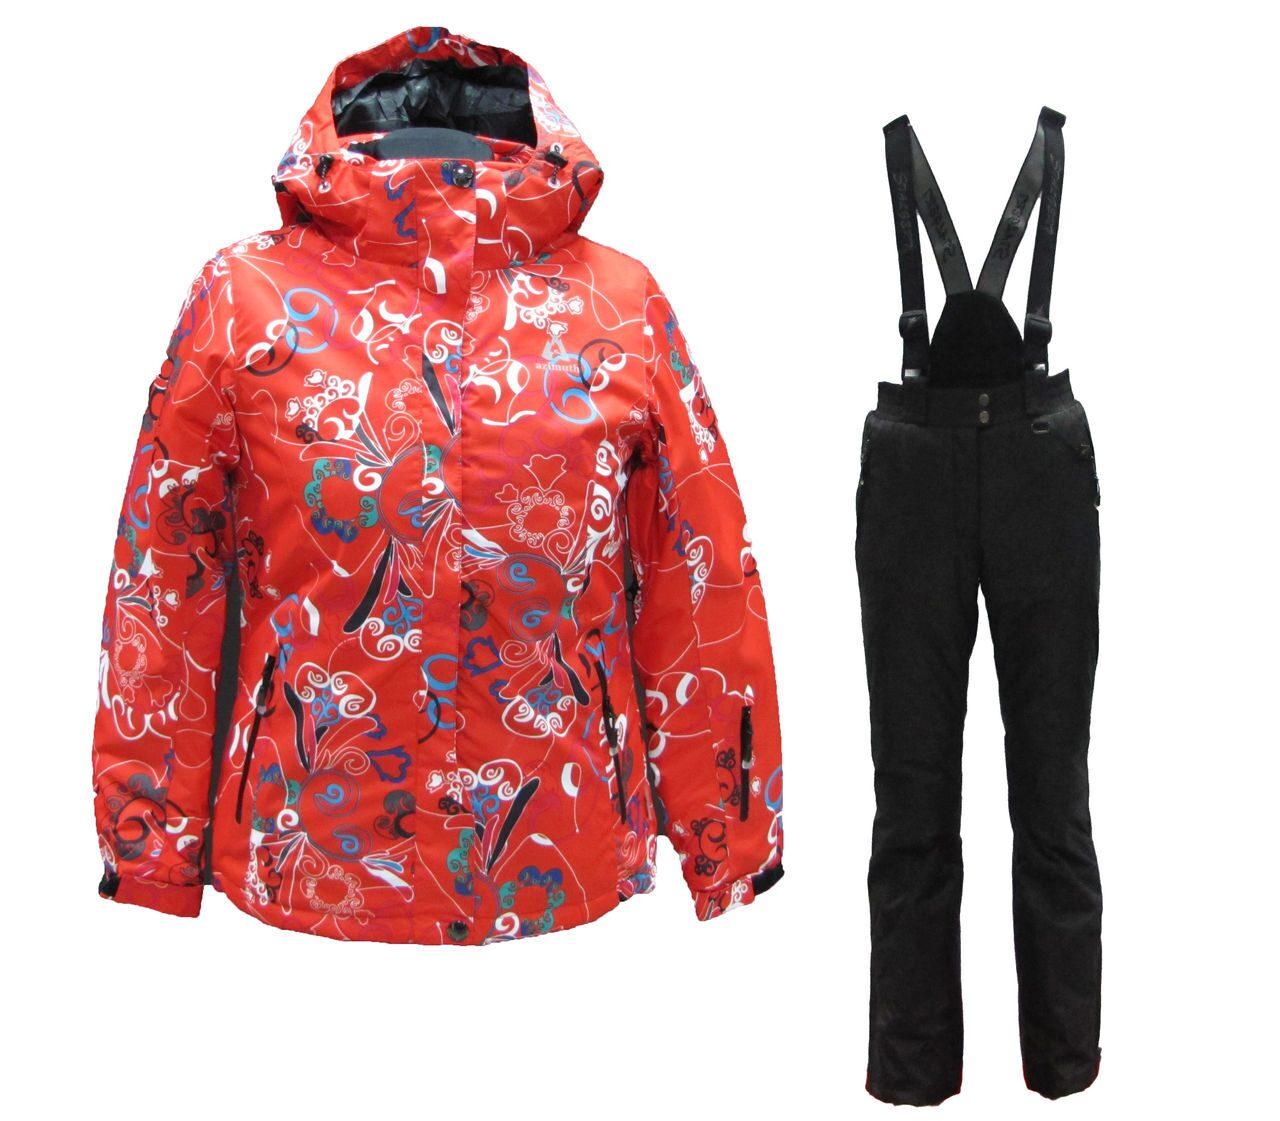 Купить Горнолыжную Одежду